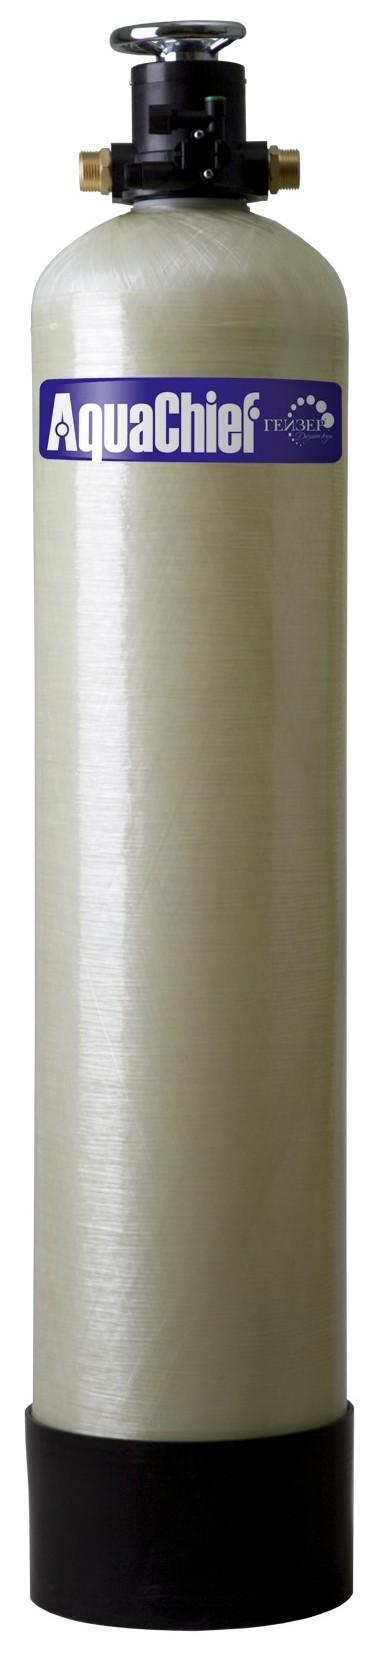 фильтр очистки воды из скважин